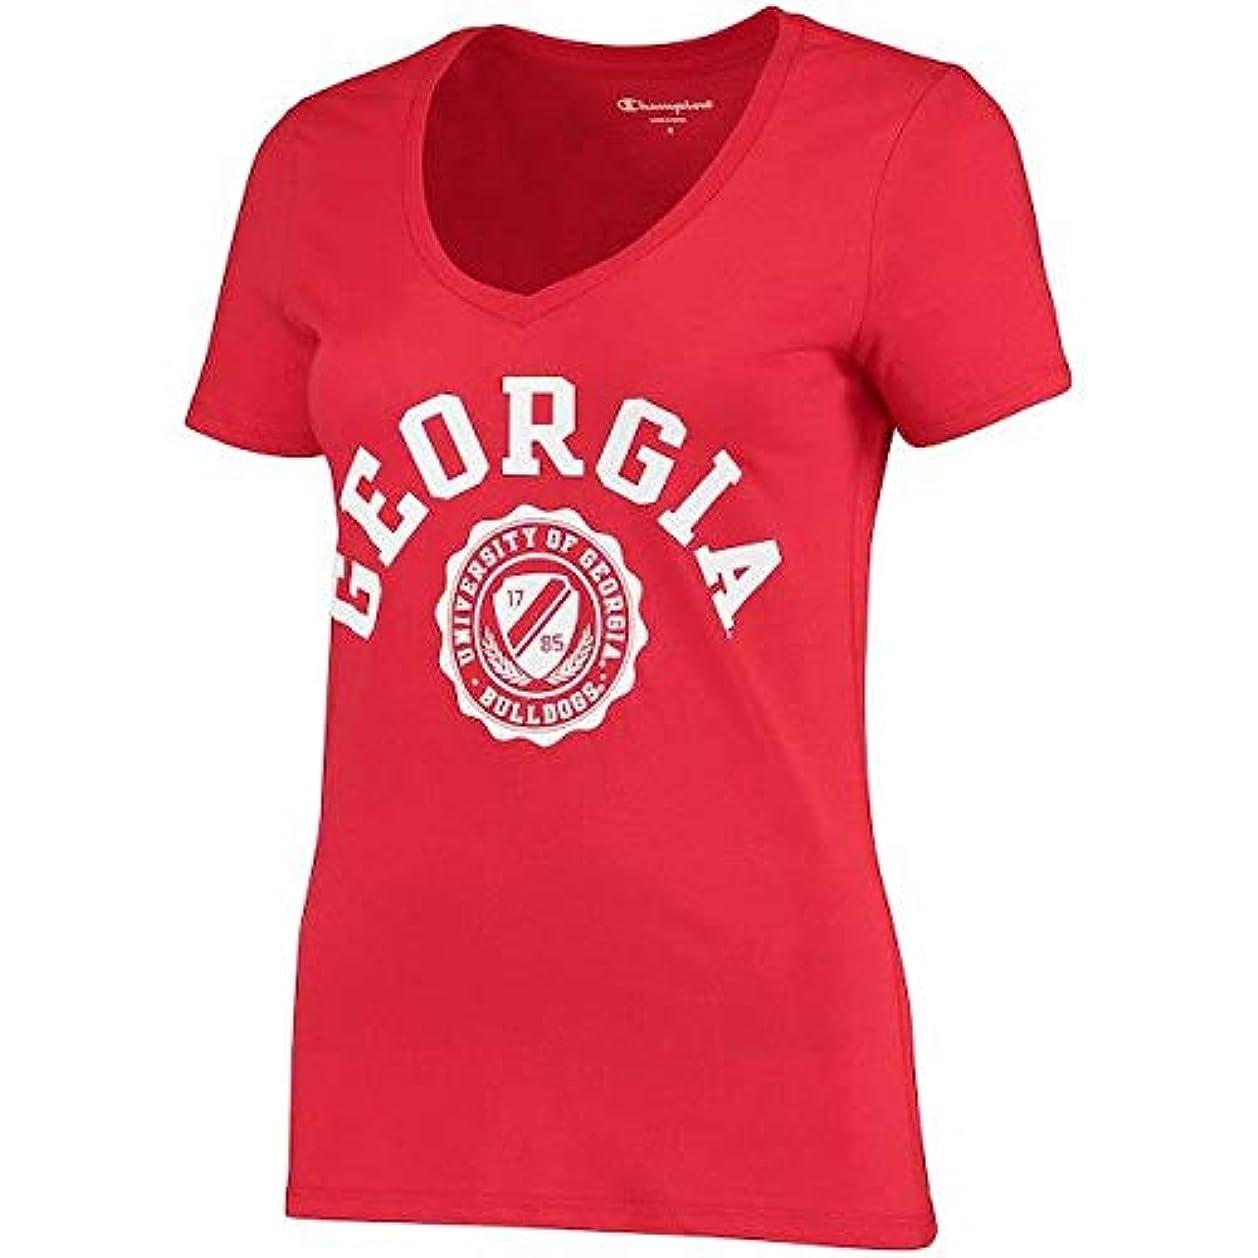 静かな致死治世Champion Champion Georgia Bulldogs Women's Red College Seal V-Neck T-Shirt スポーツ用品 【並行輸入品】